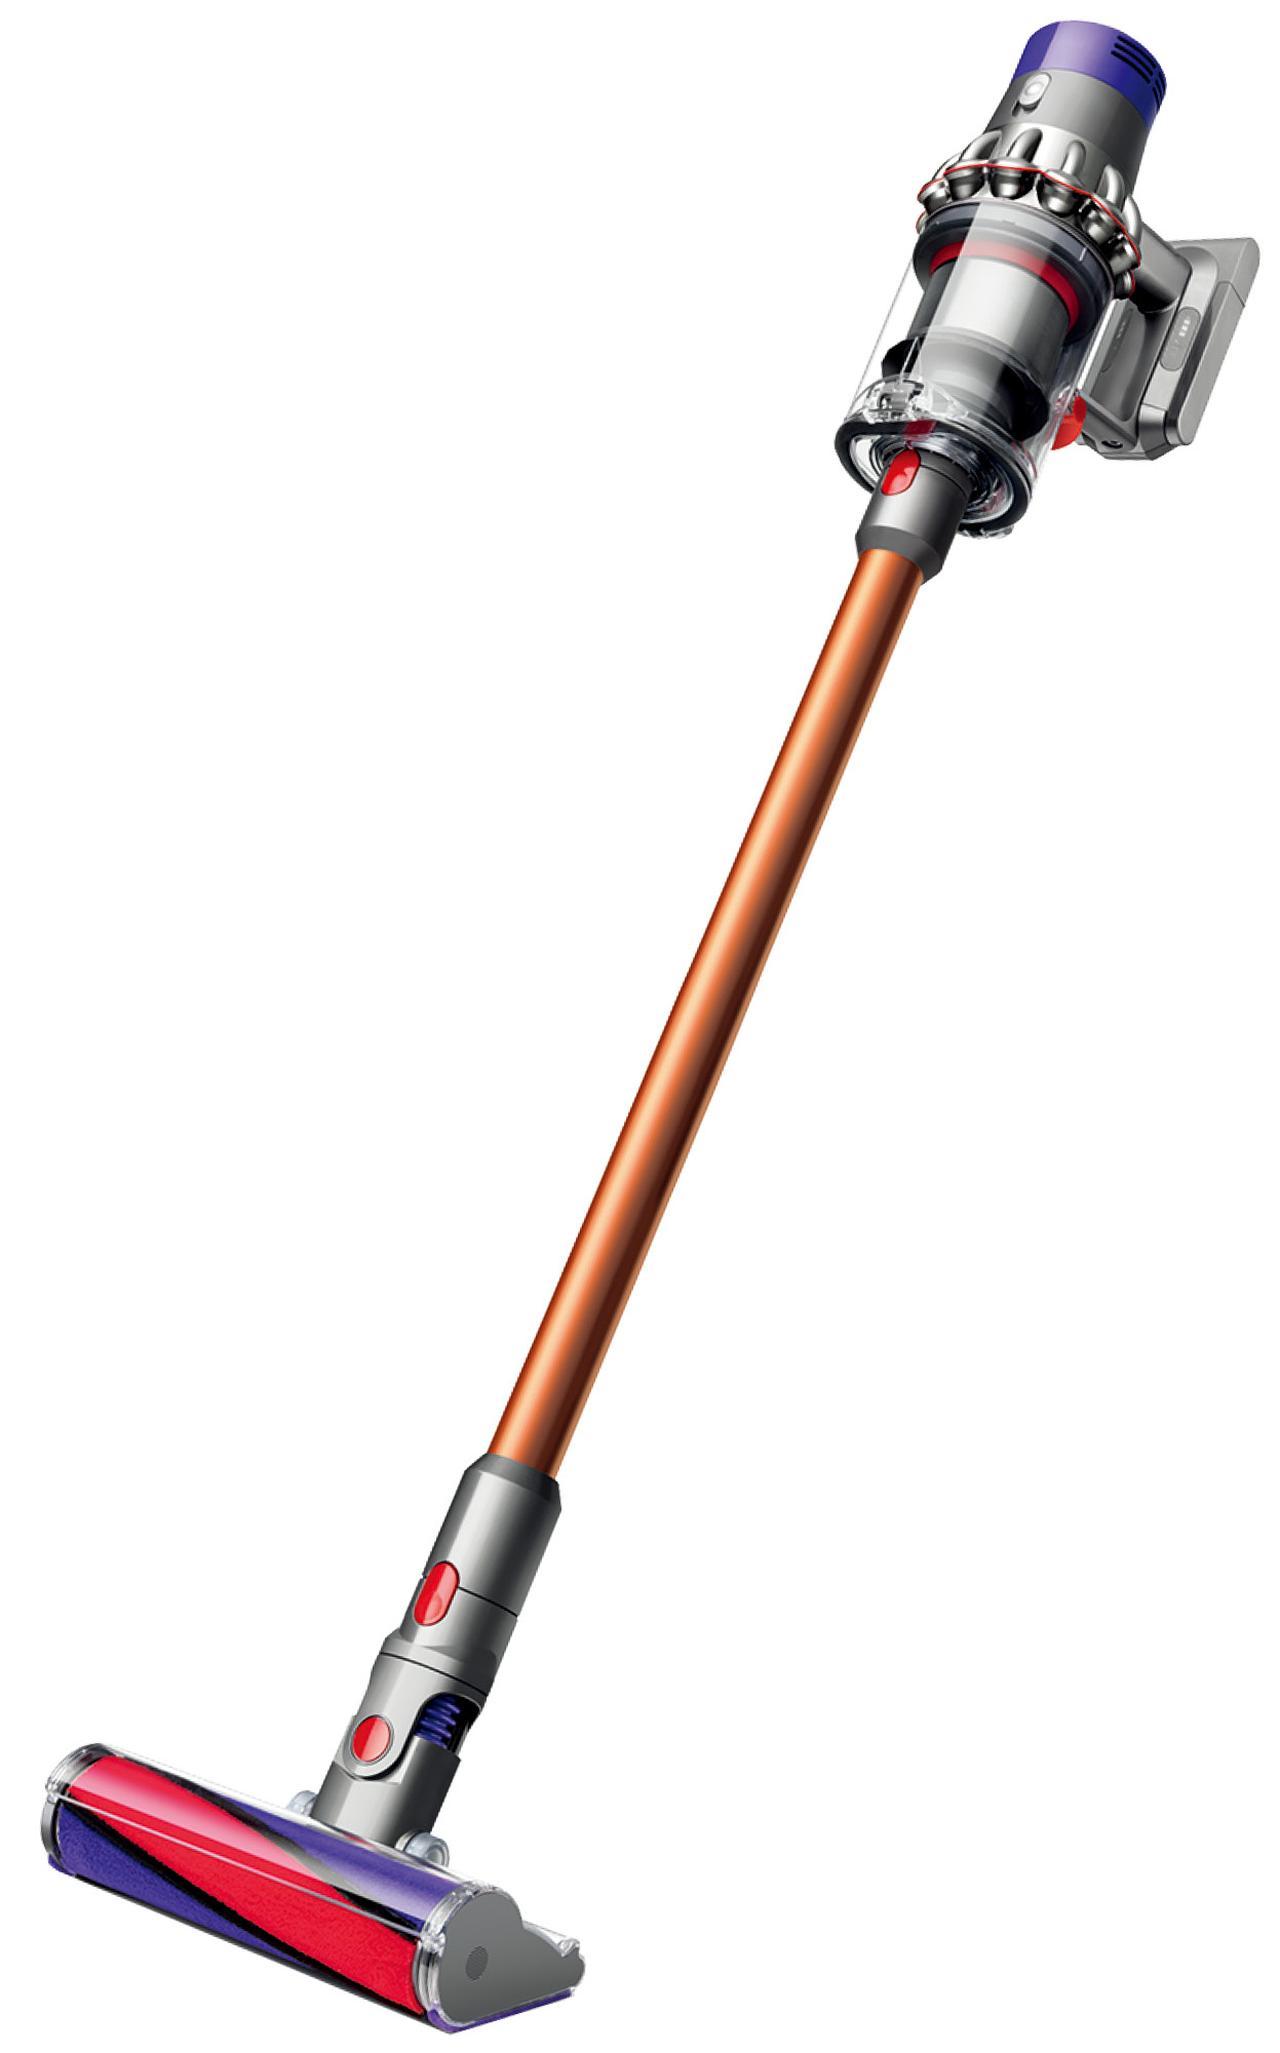 画像1: 【最新】スティック掃除機おすすめランキングBEST5